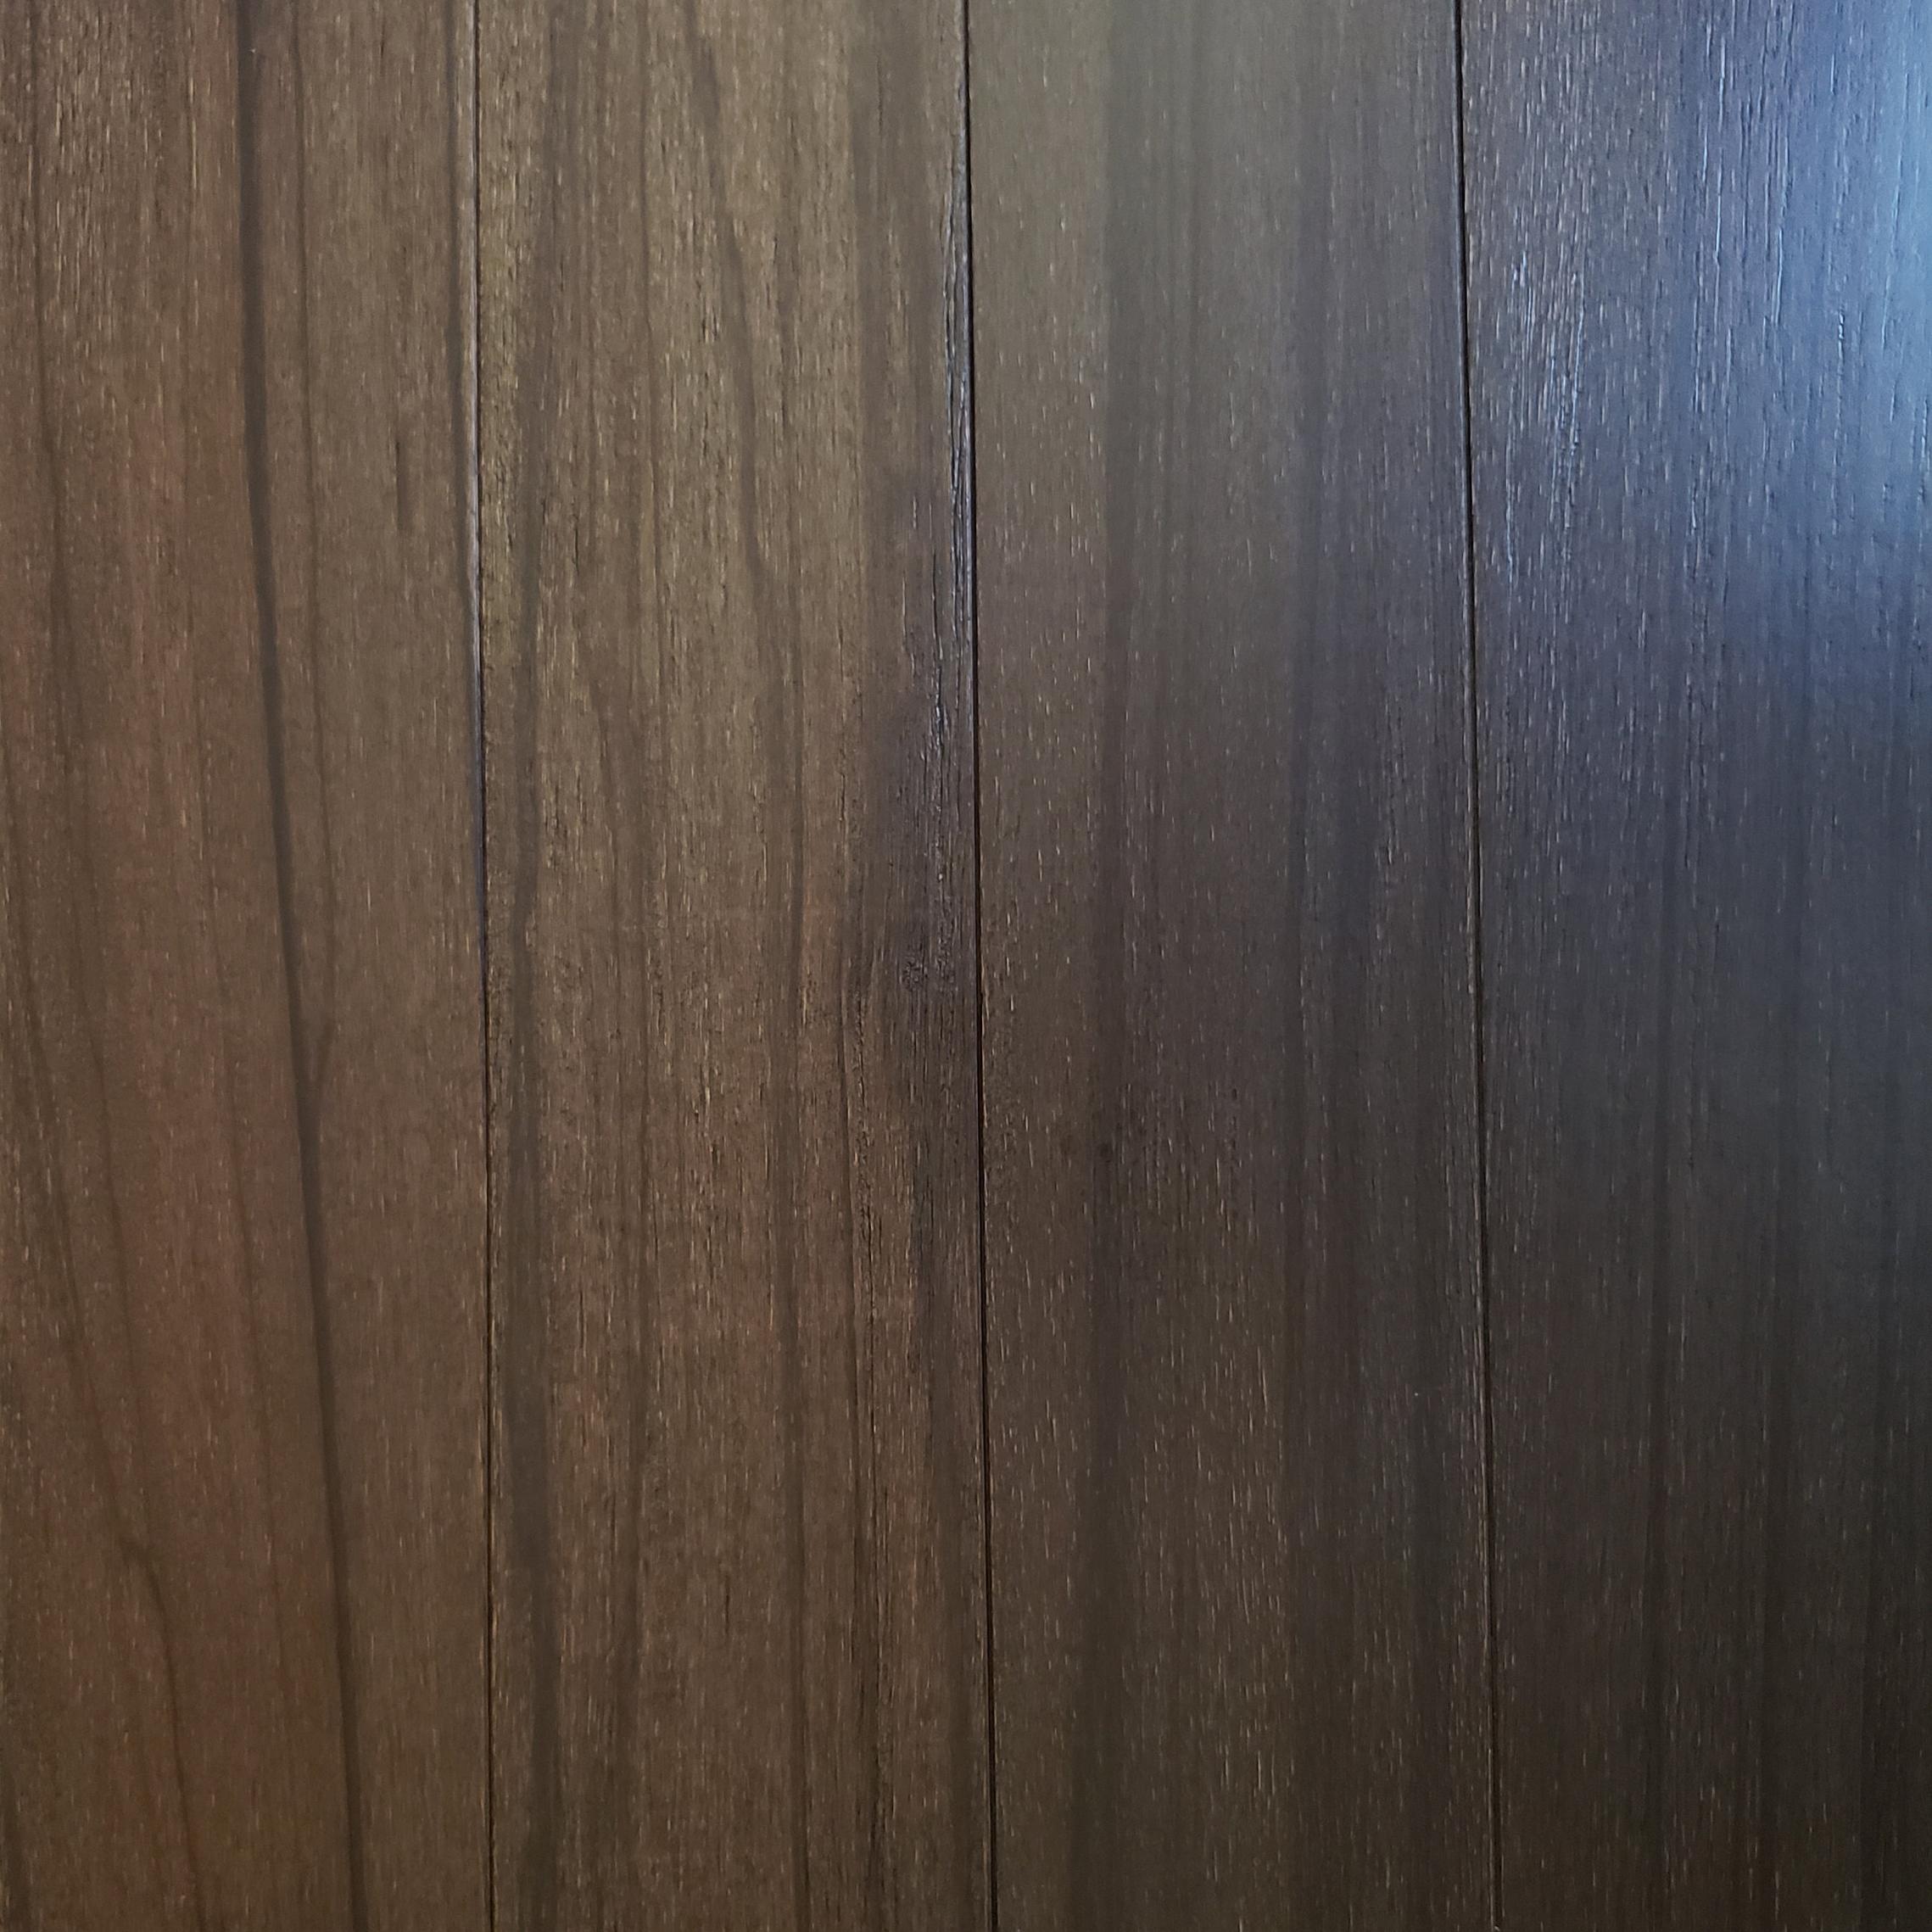 peruvian olivewood - walnut